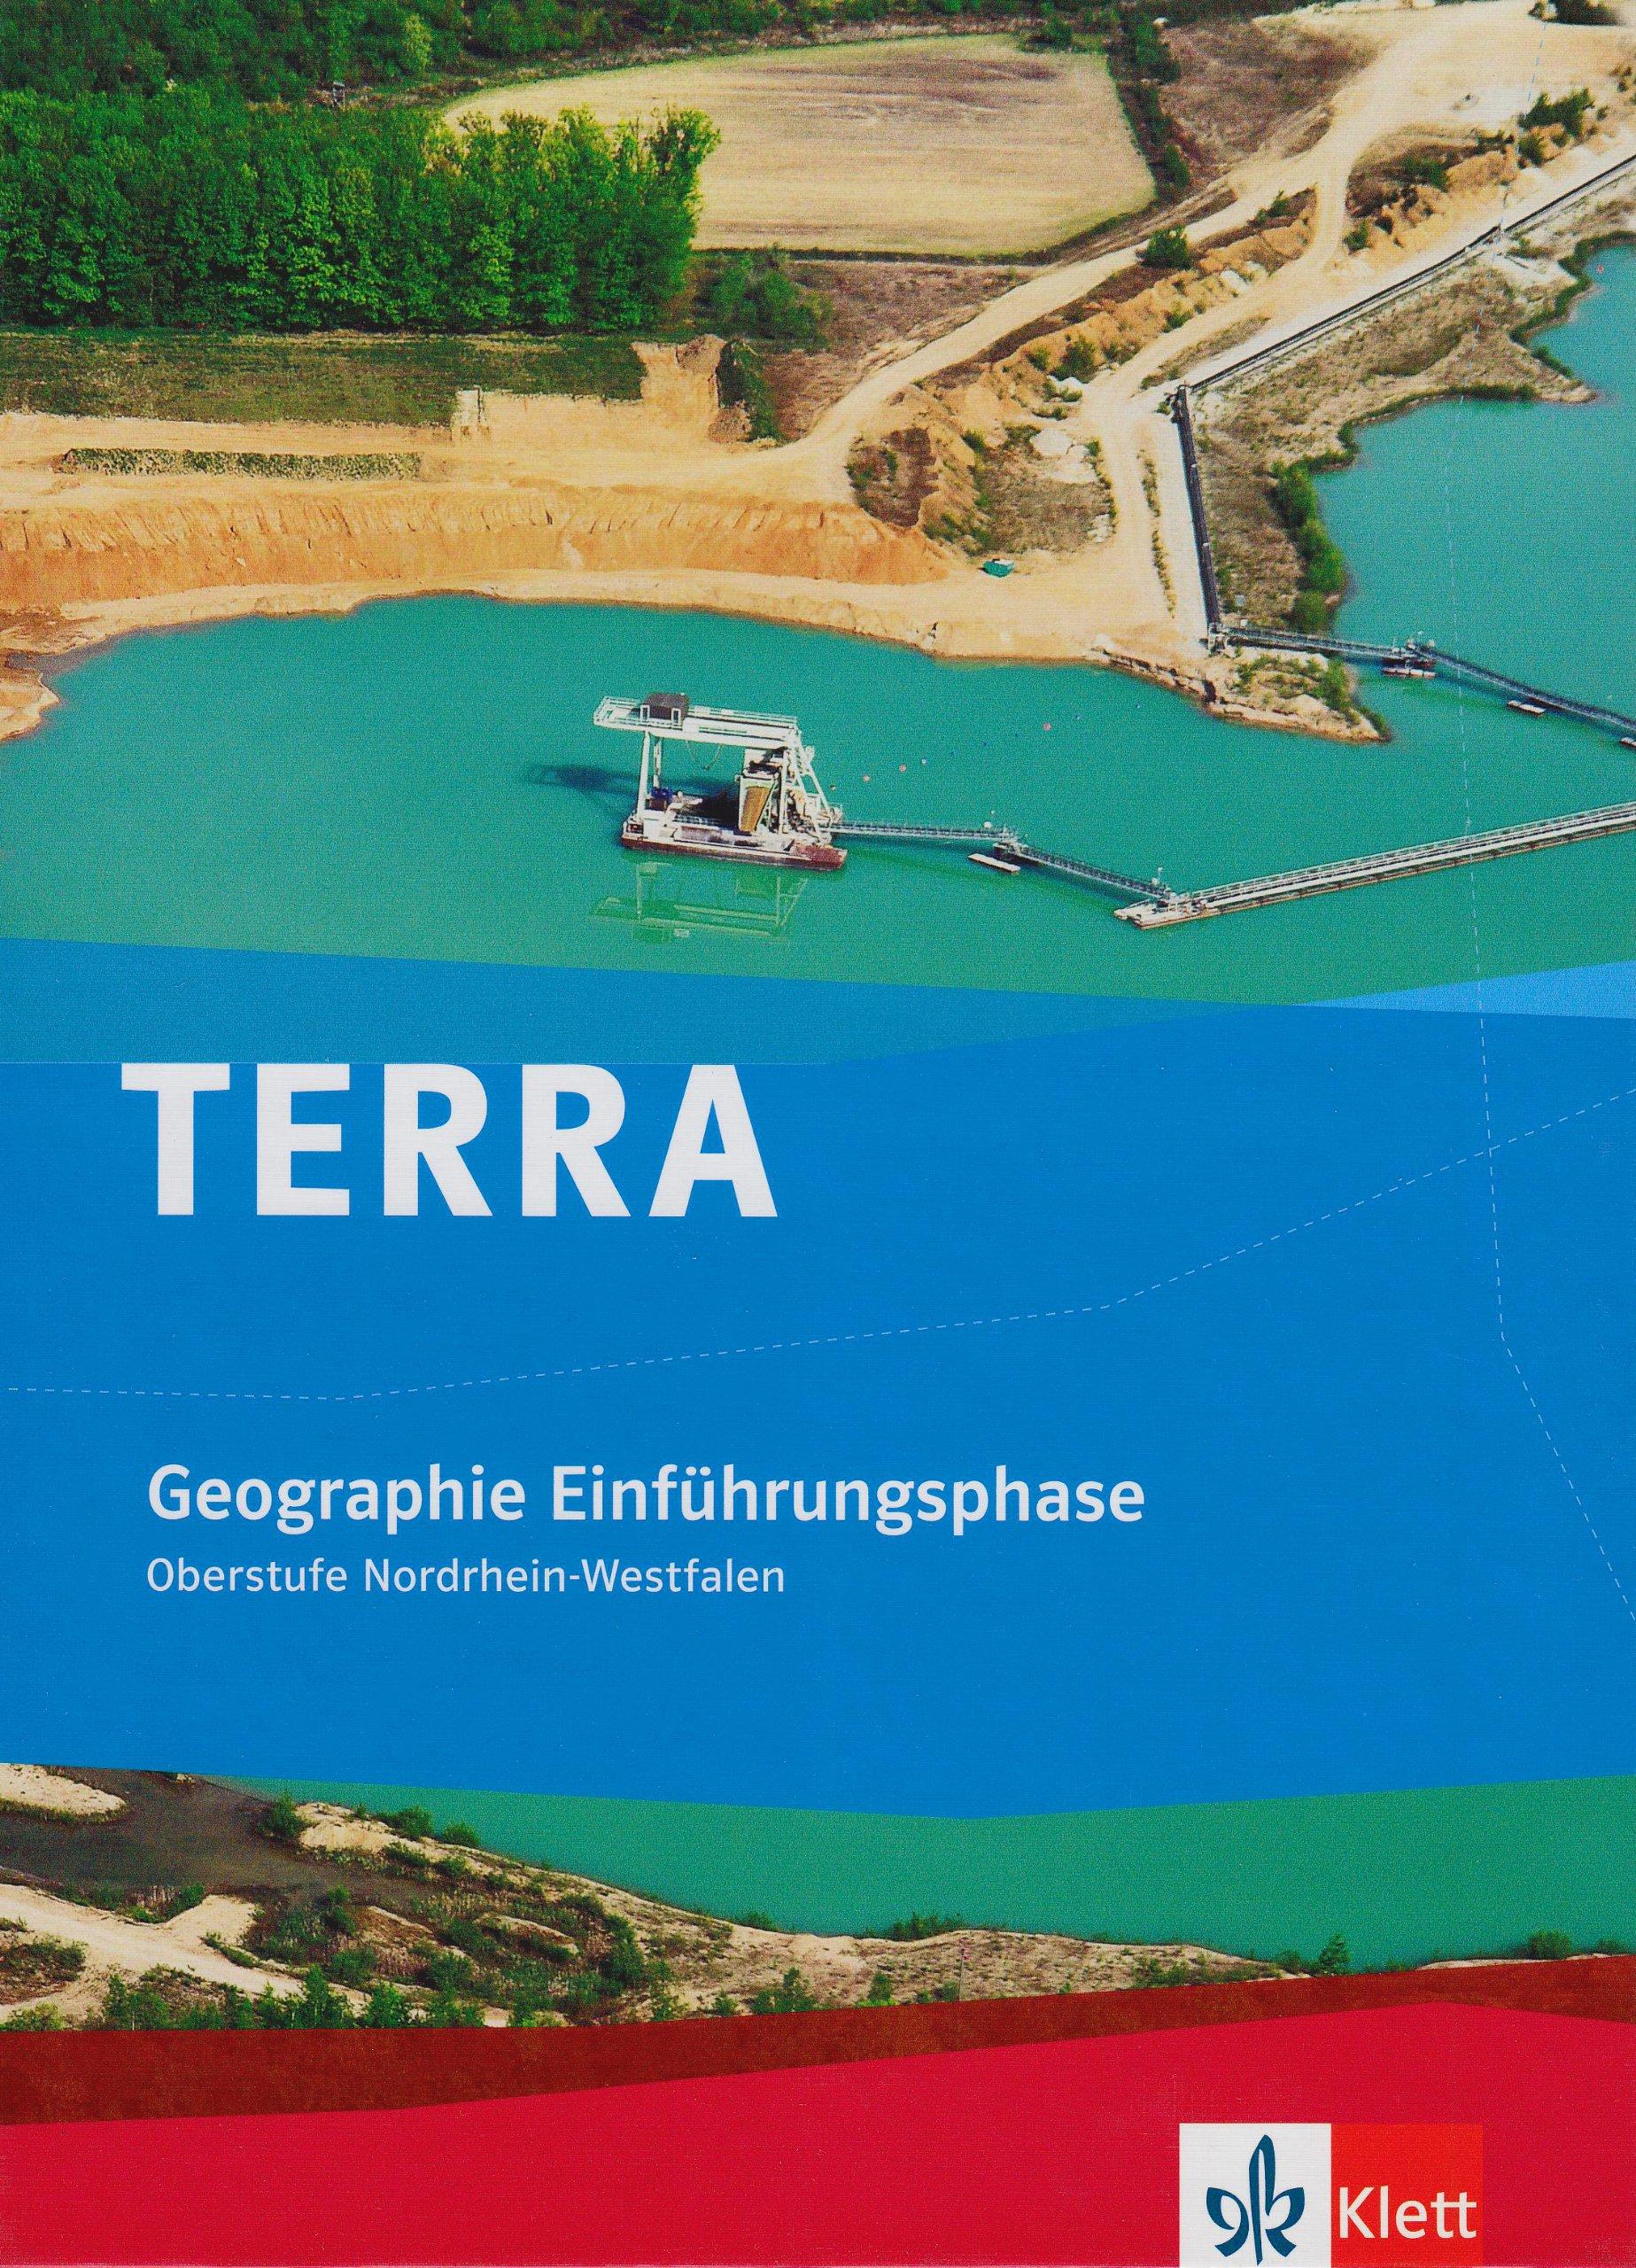 TERRA Geographie für Nordrhein-Westfalen / Schülerband Einführungsphase Oberstufe (10. Schuljahr G8/11. Schuljahr G9)